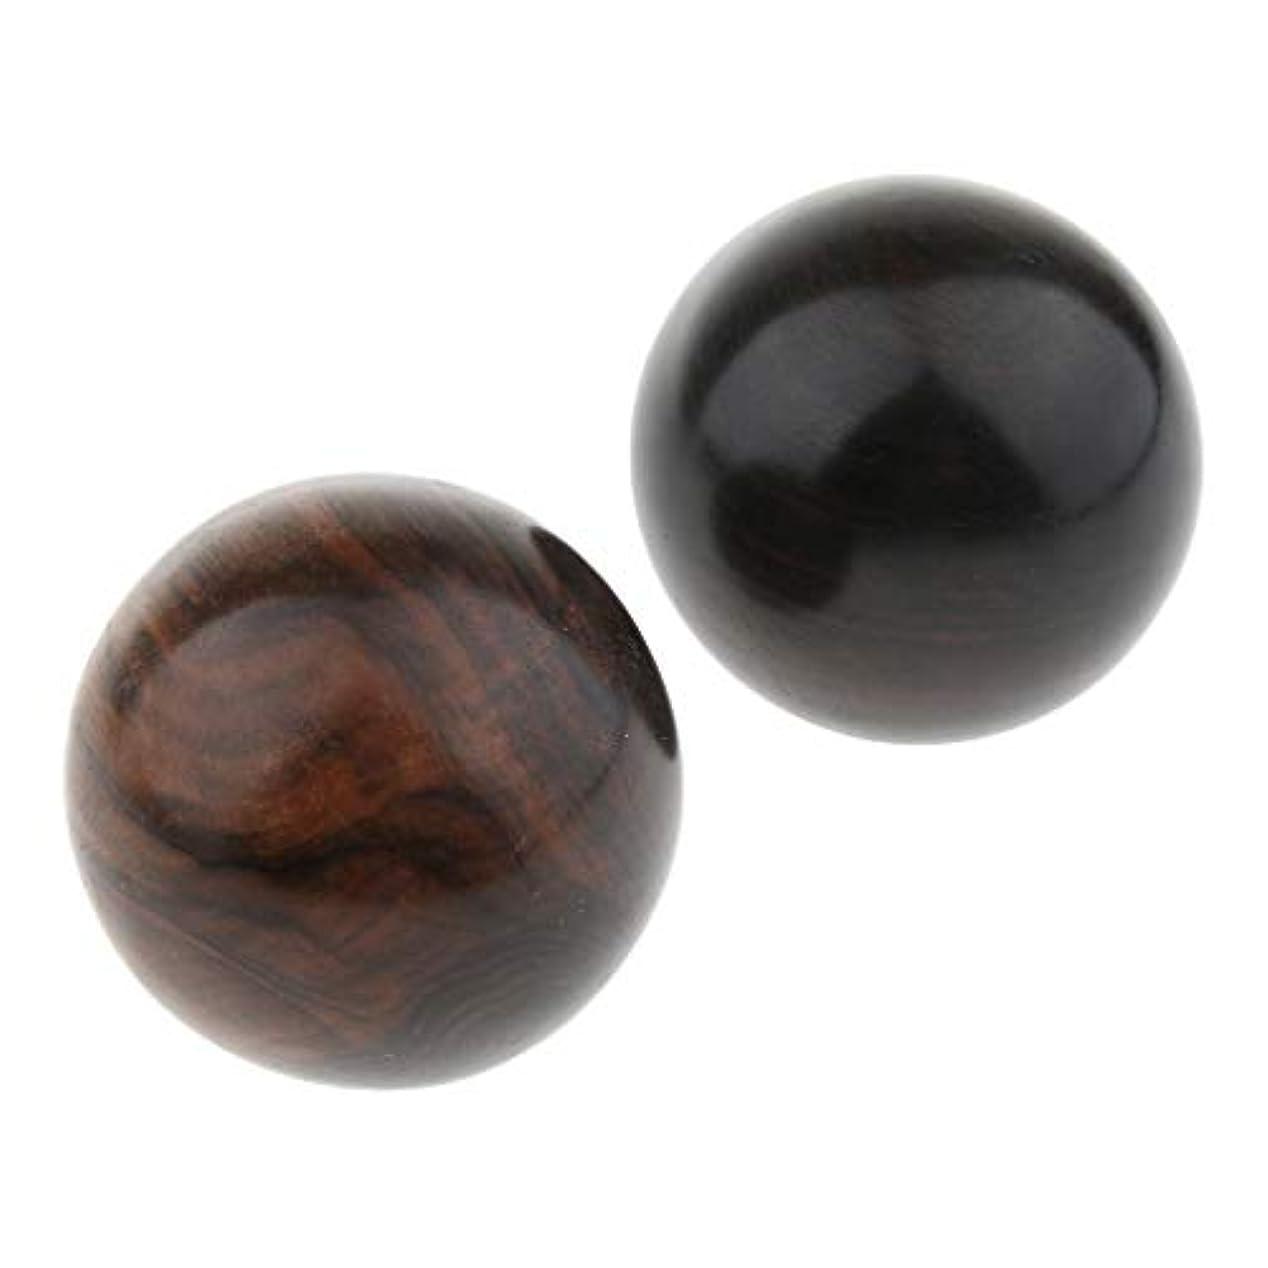 気味の悪いコンピューター弾力性のあるBaoblaze ハンドボール マッサージボール 木製 ストレス解消 運動 トリガーポイント 2個入